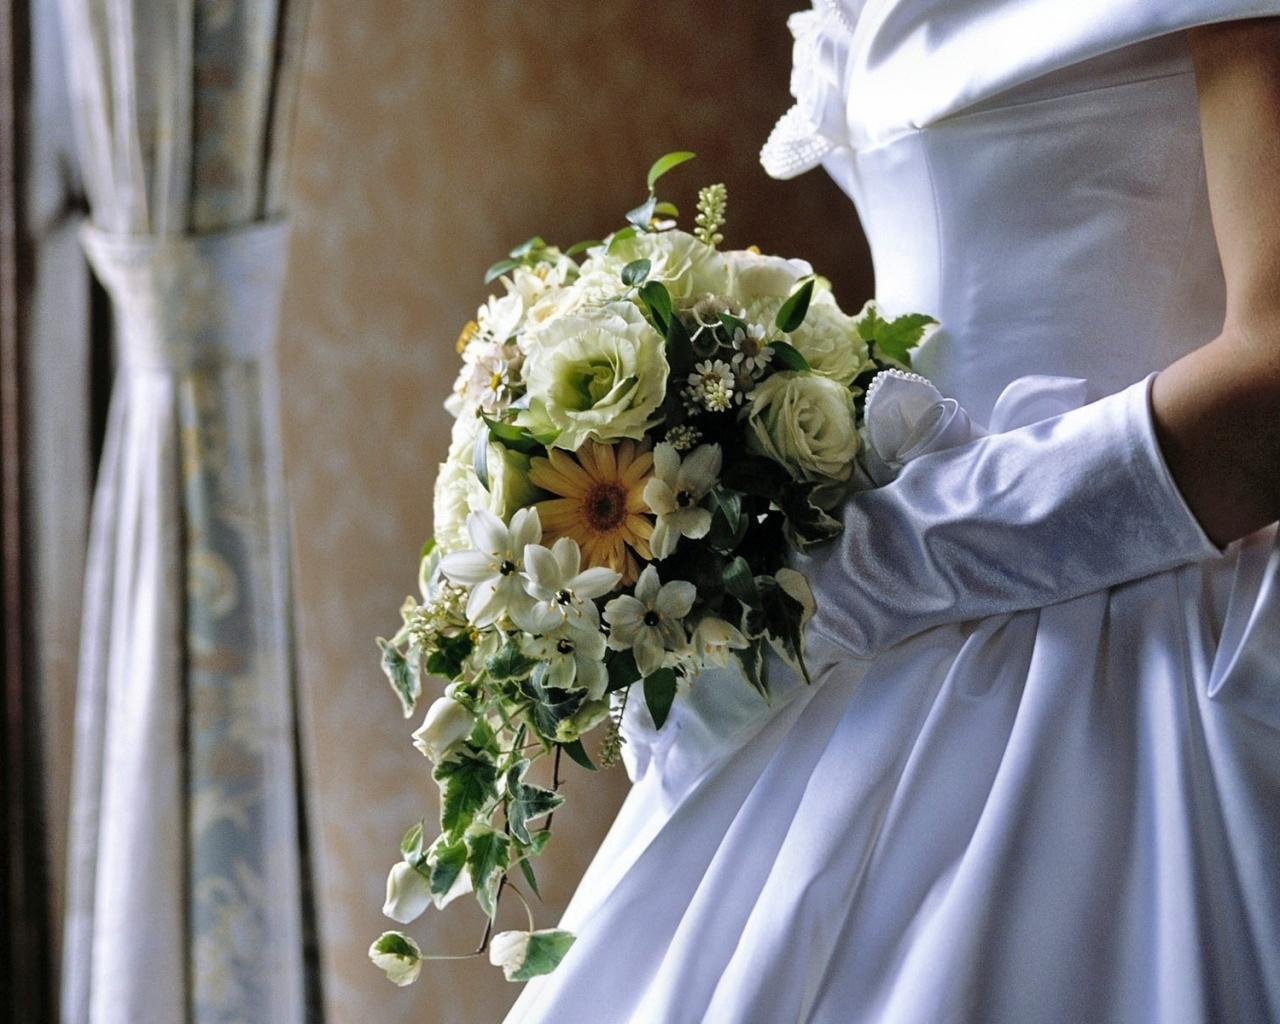 Las flores de una novia - 1280x1024